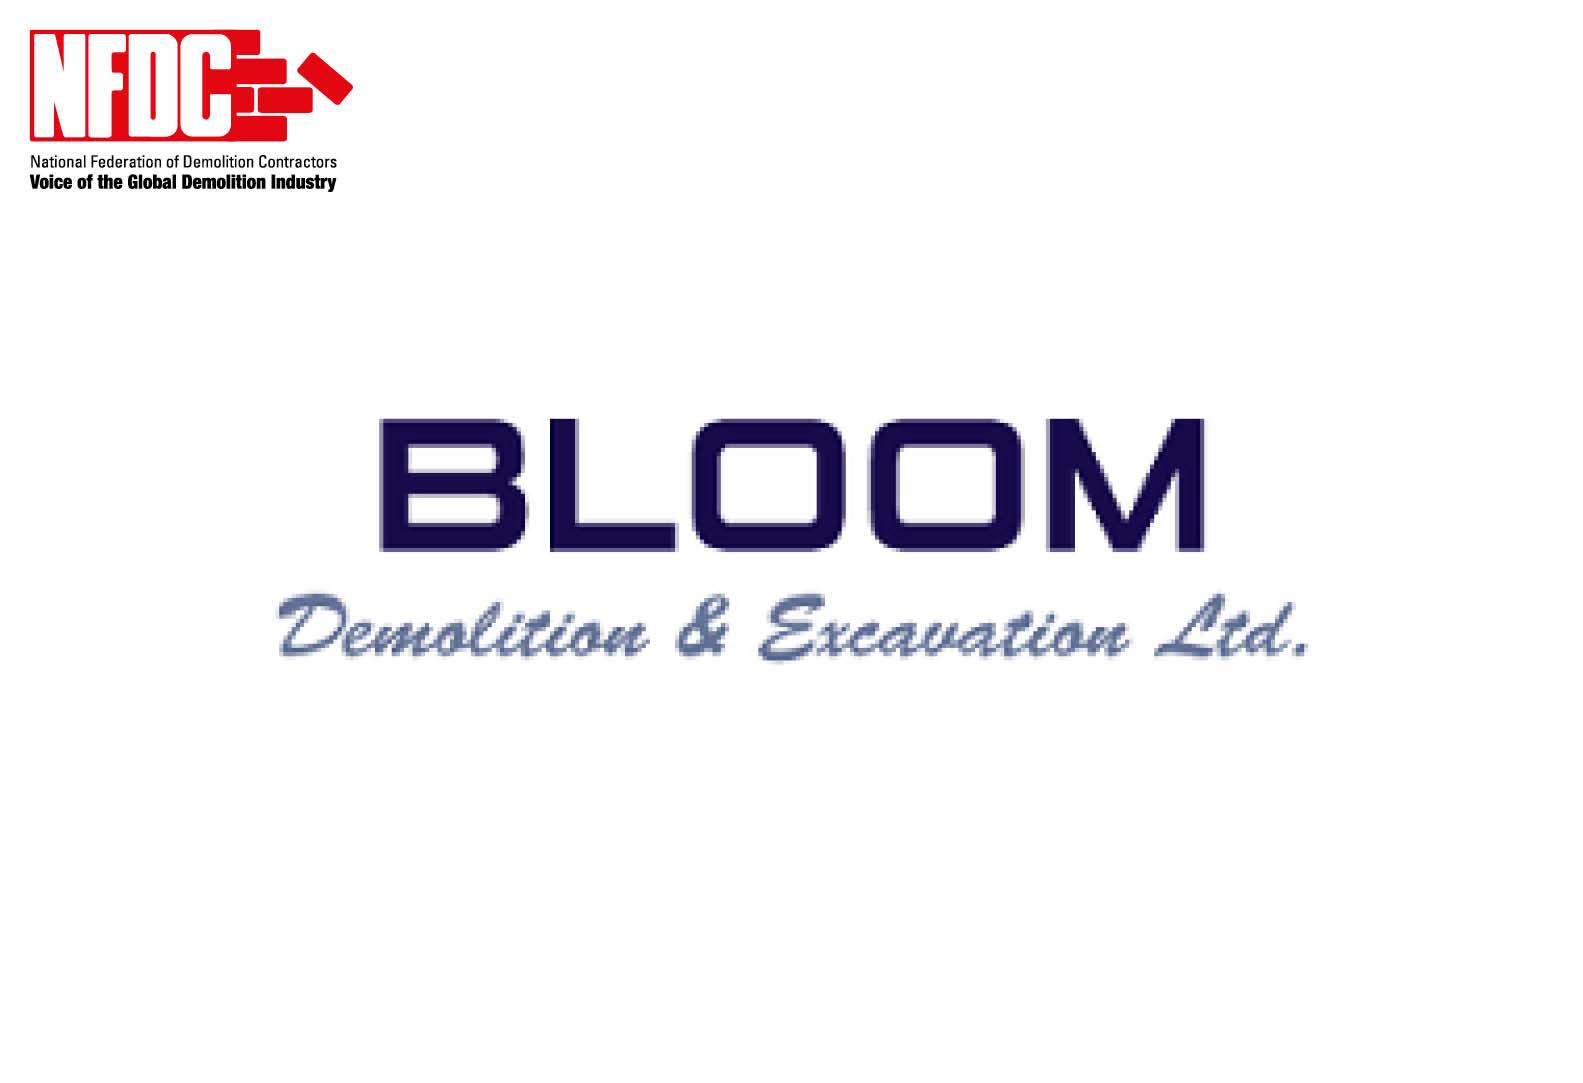 Bloom Demolition